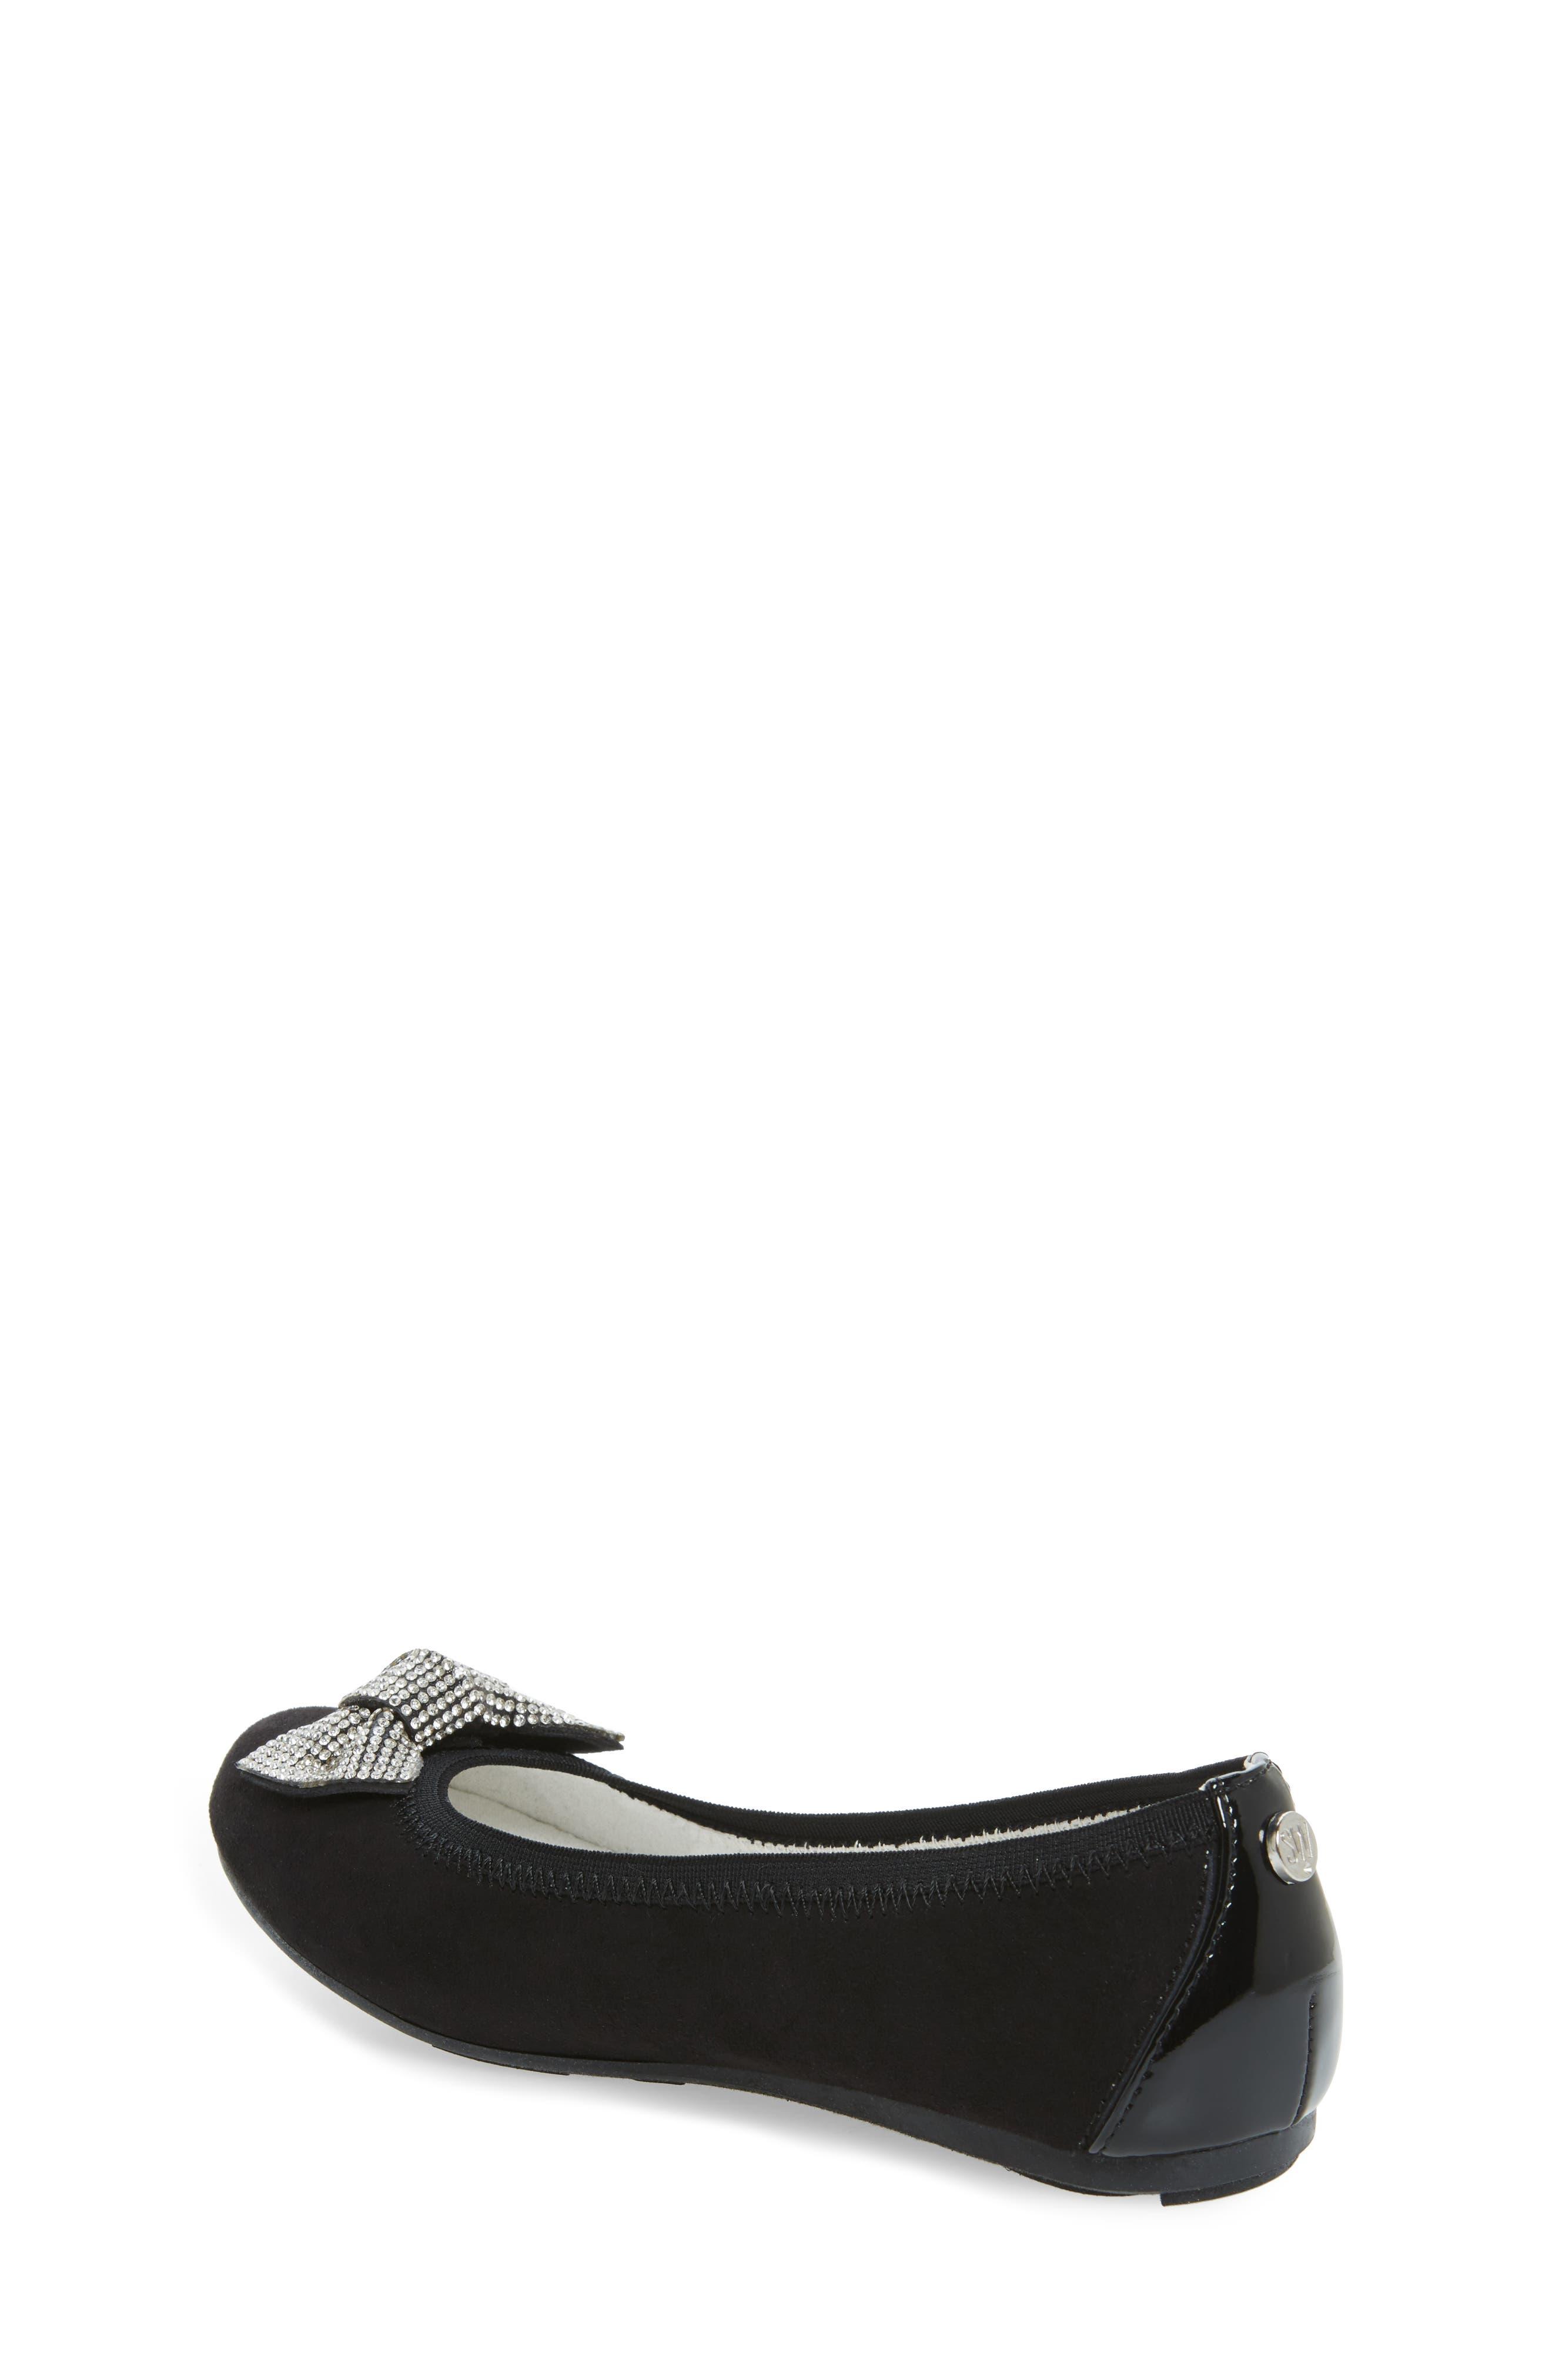 Fannie Glitz Ballet Flat,                             Alternate thumbnail 3, color,                             Black Faux Leather